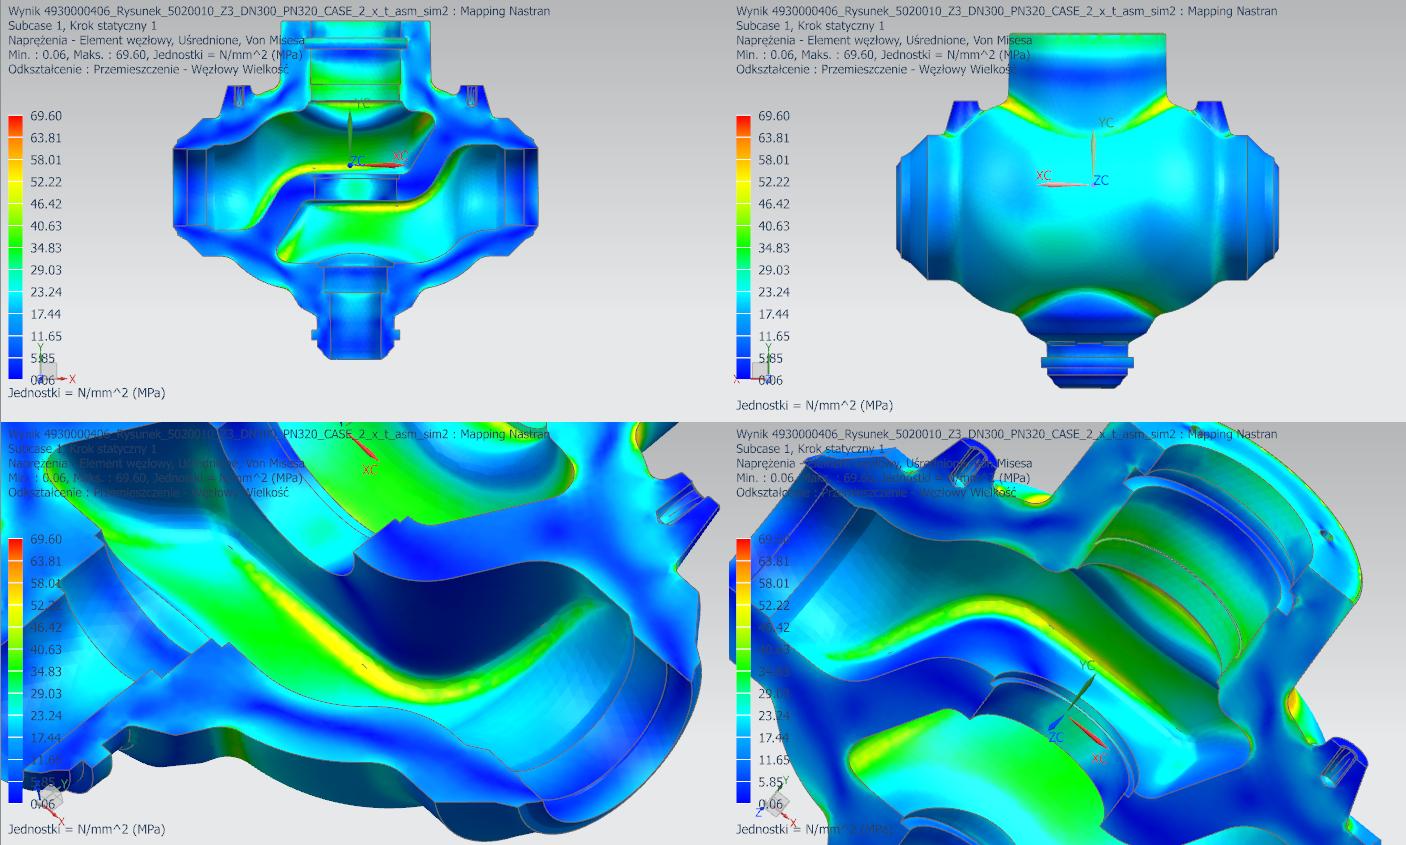 Widok naprężeń termicznych w różnych położeniach modelu